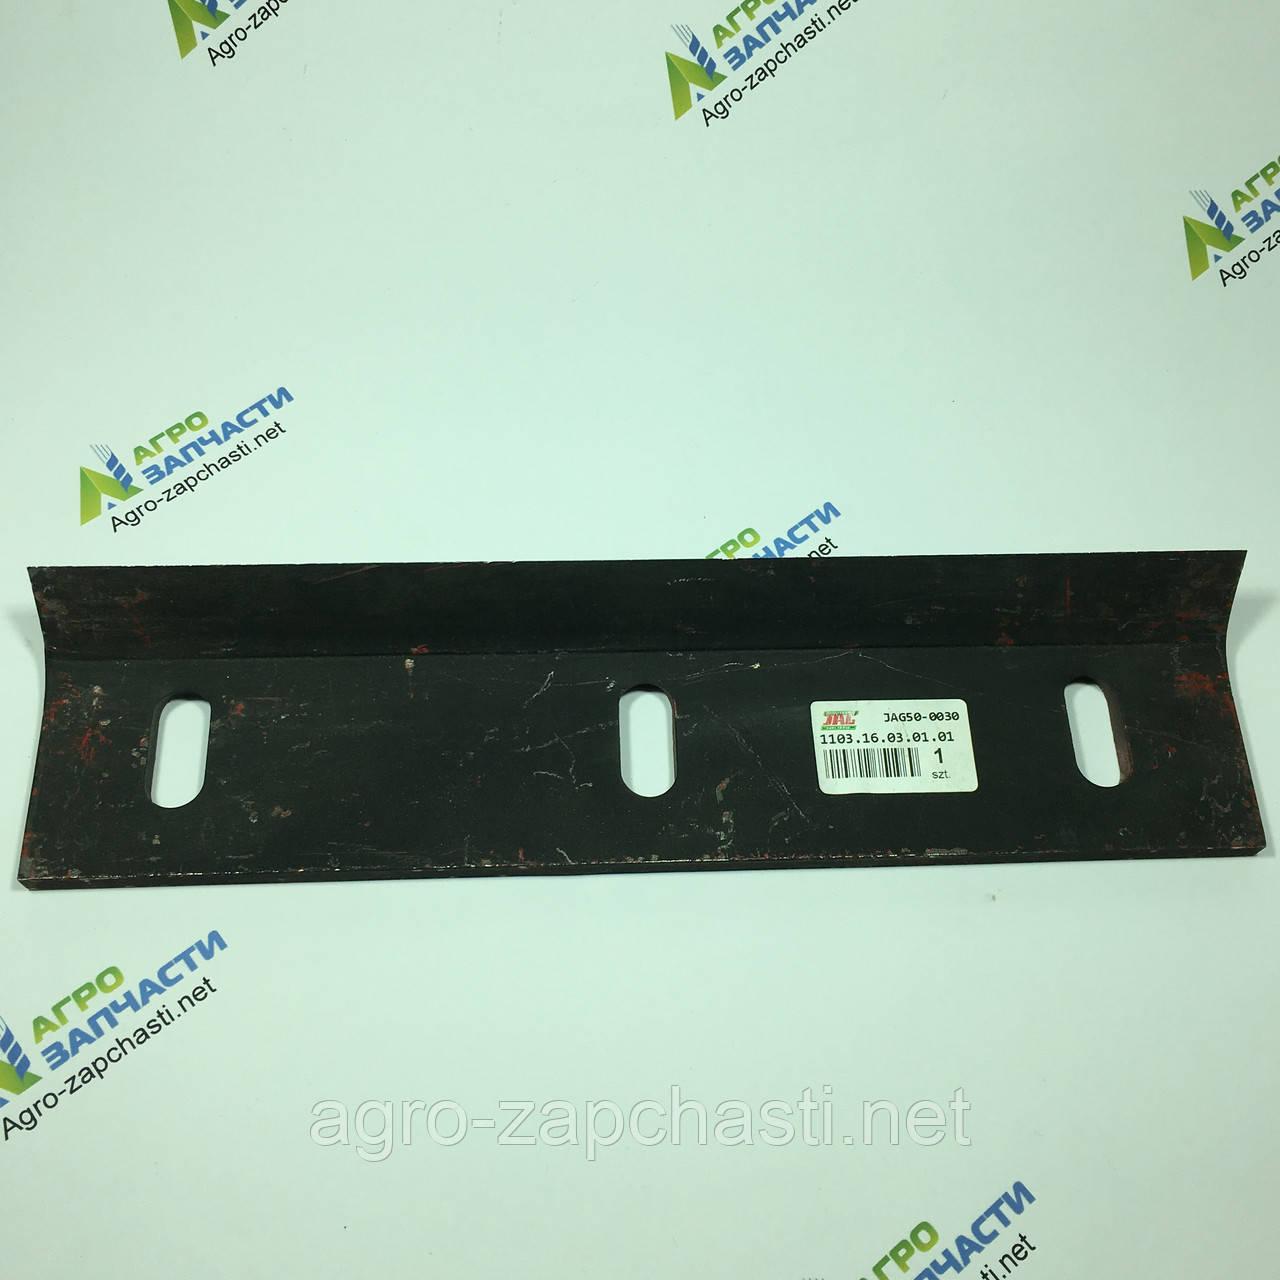 Нож поршня пресс-подборщика Welger AP12, AP50, AP51, 300х70/35 - подвижный